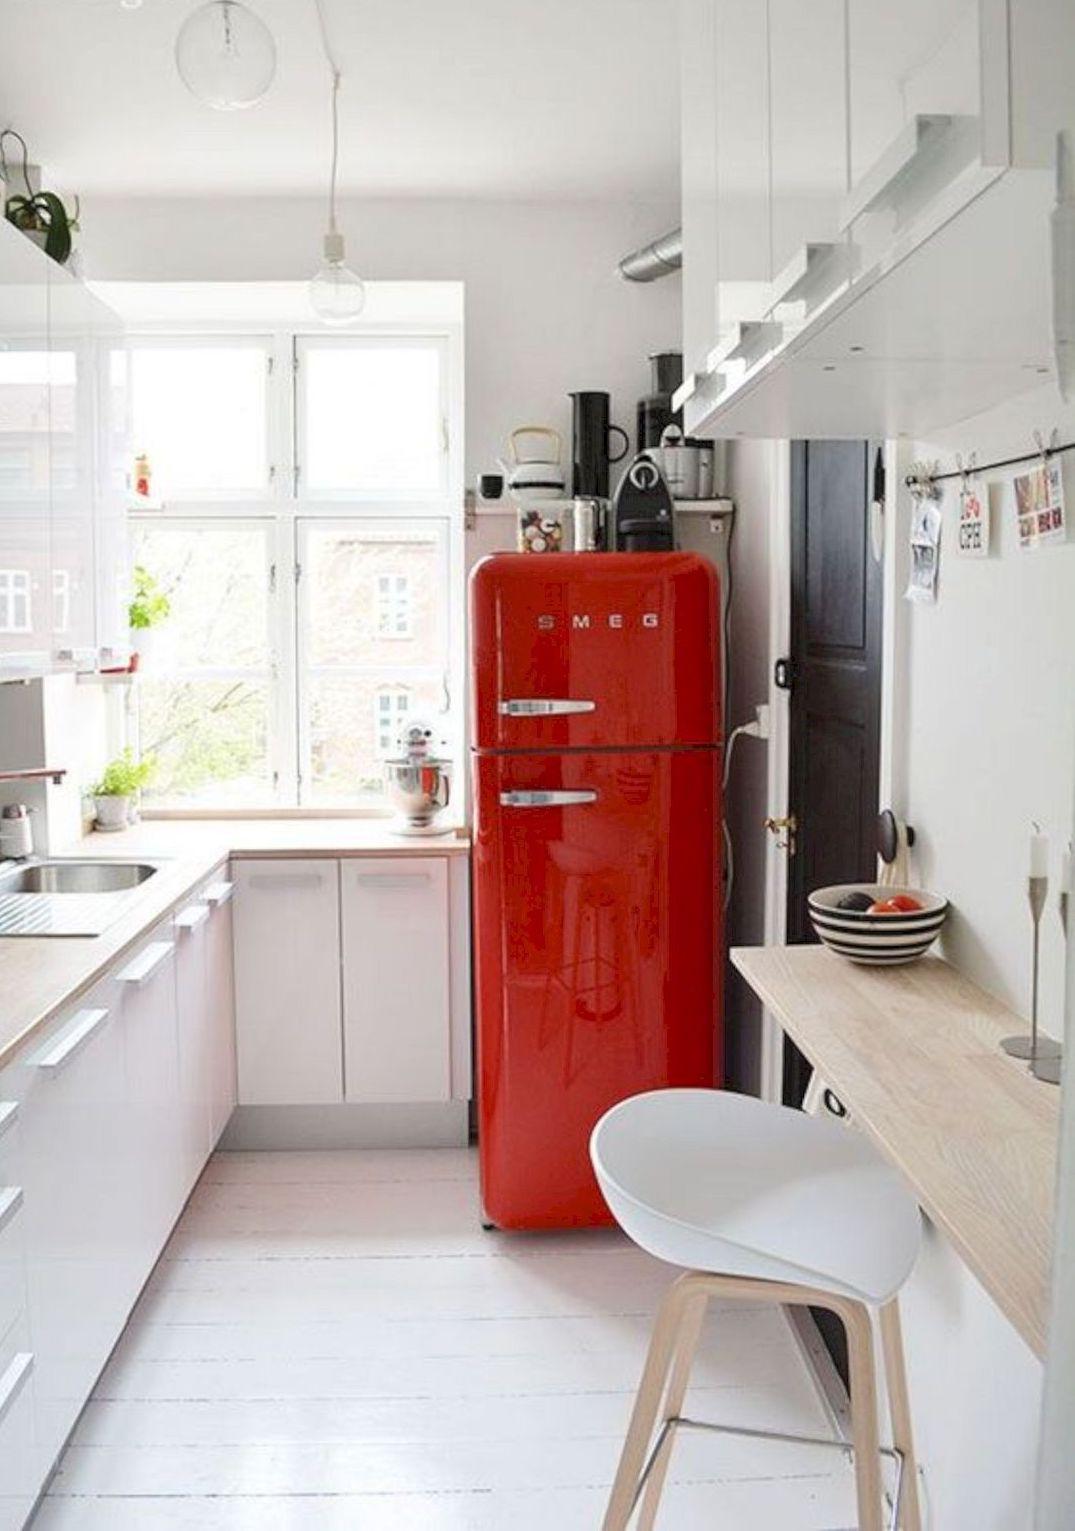 Altura barra de cocina juego de bancos para barra altura - Altura encimera cocina ...